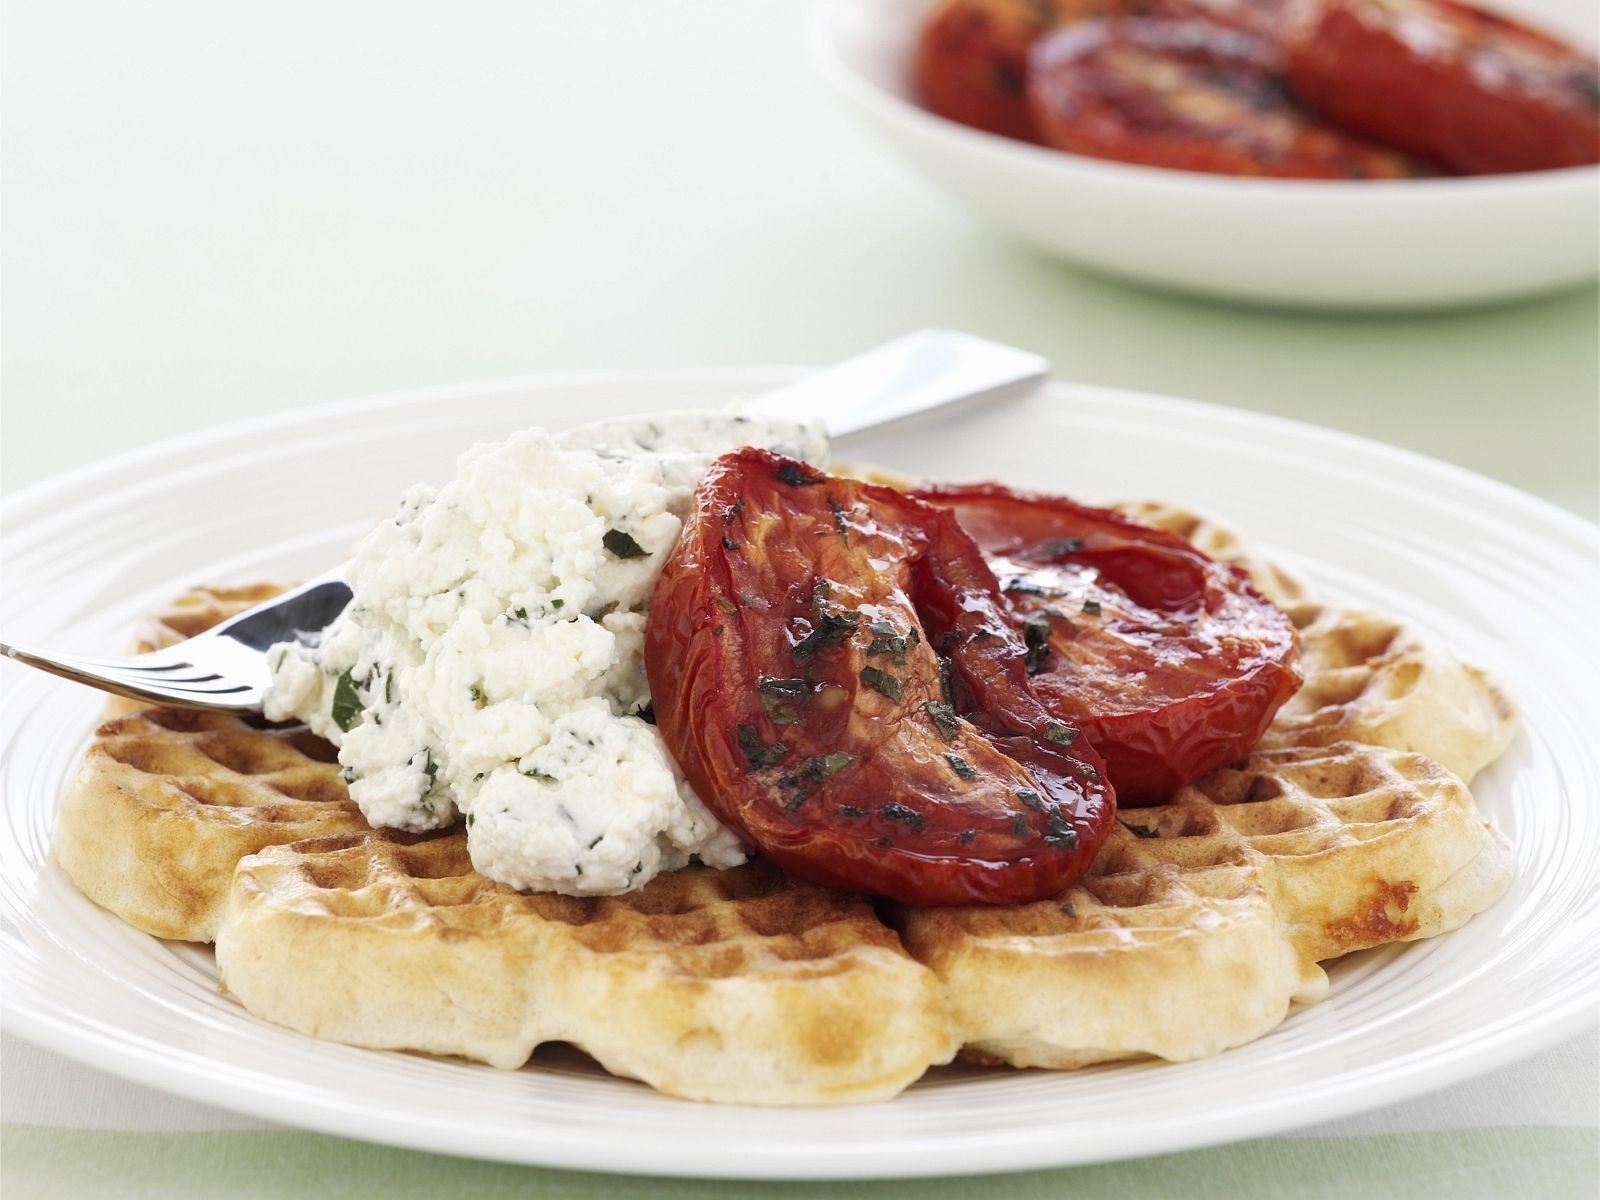 herzhafte waffeln mit frischk se und ofen tomaten rezept waffelb ckerei pinterest. Black Bedroom Furniture Sets. Home Design Ideas